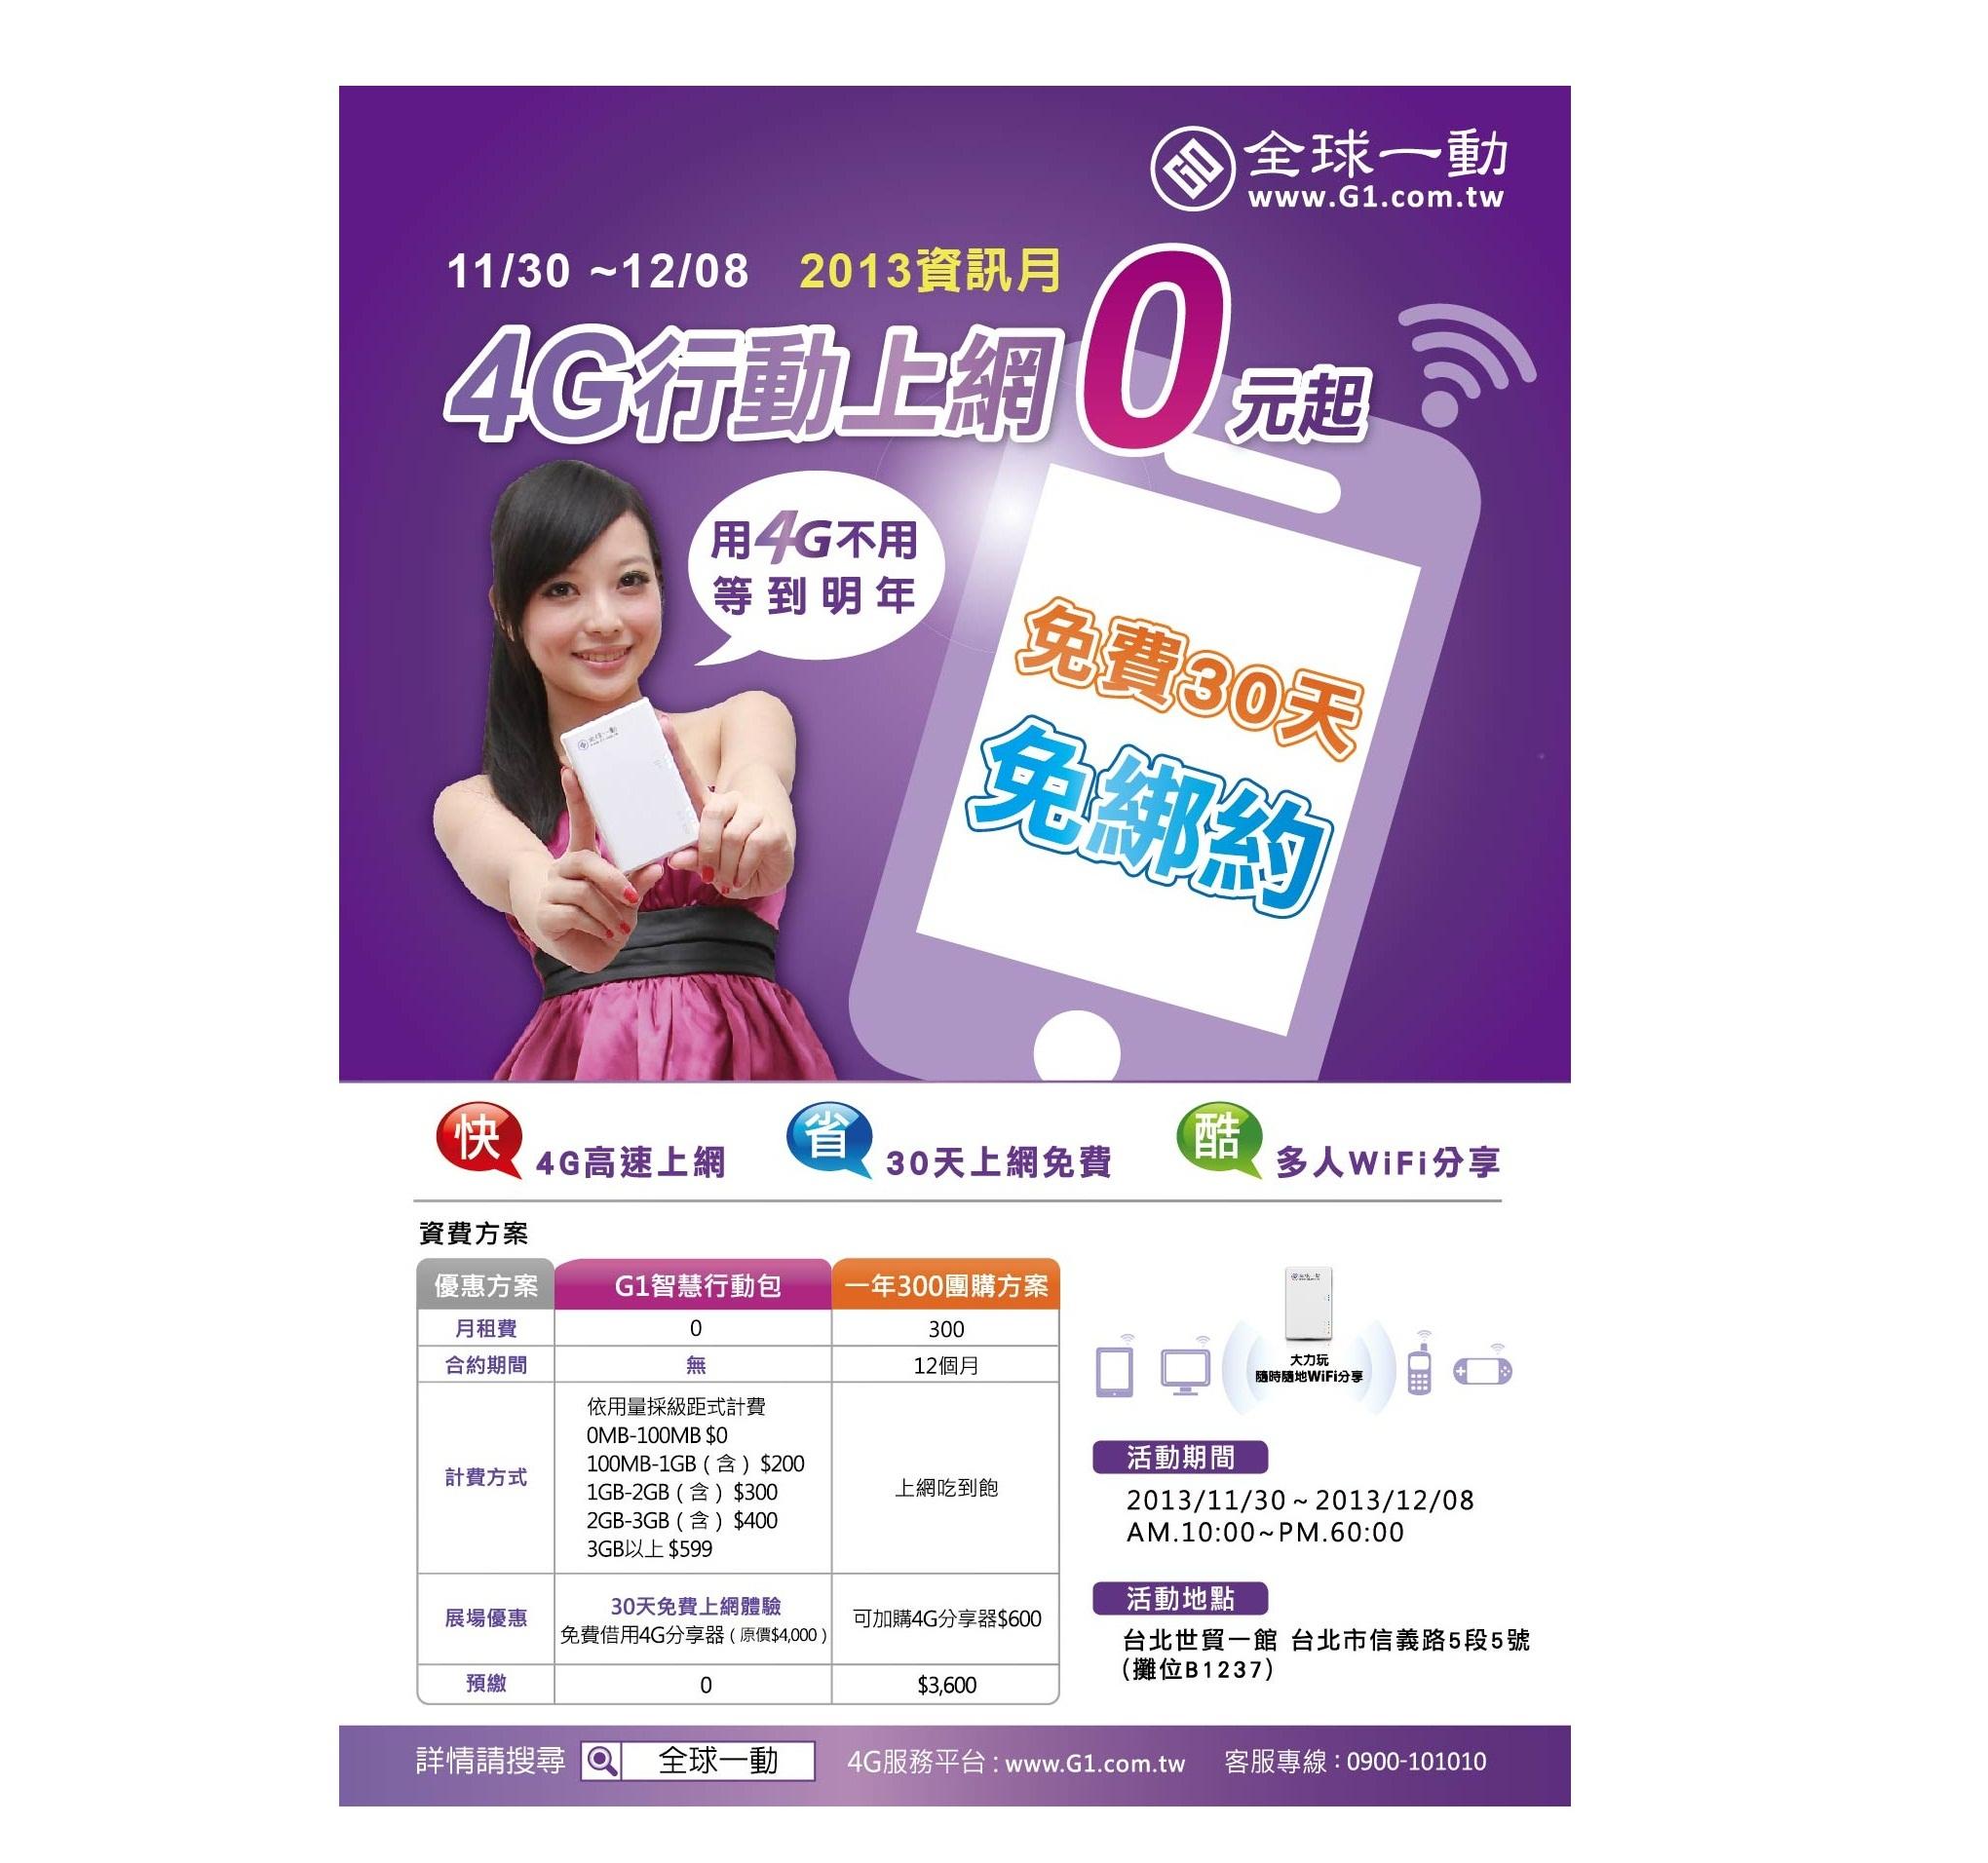 資訊月 用4G不必等 全球一動提供30天免費體驗 上網吃到飽每月300元 精選手機+平板只要1000元